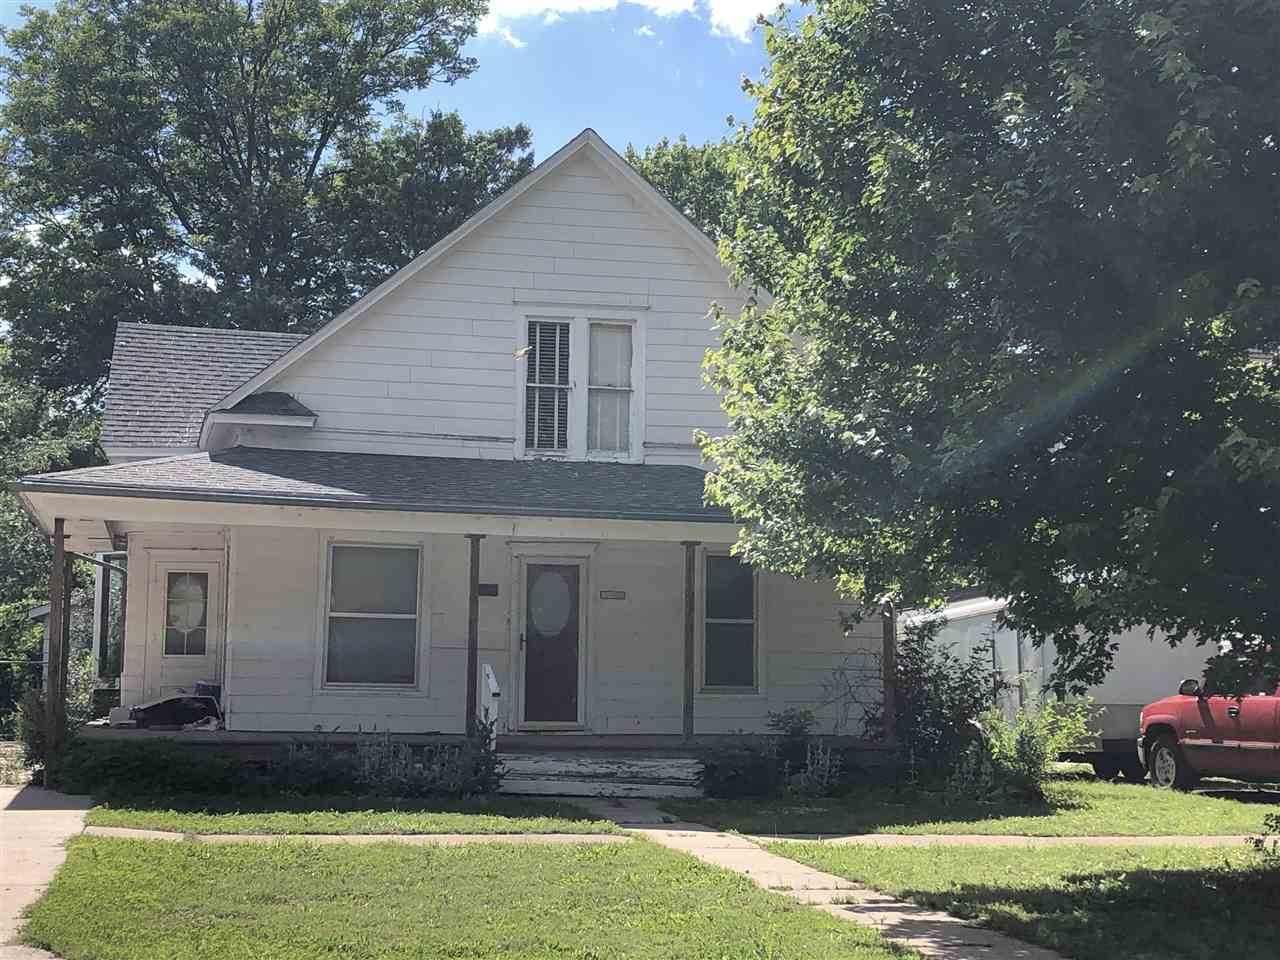 1106 Washington Ave - Photo 1